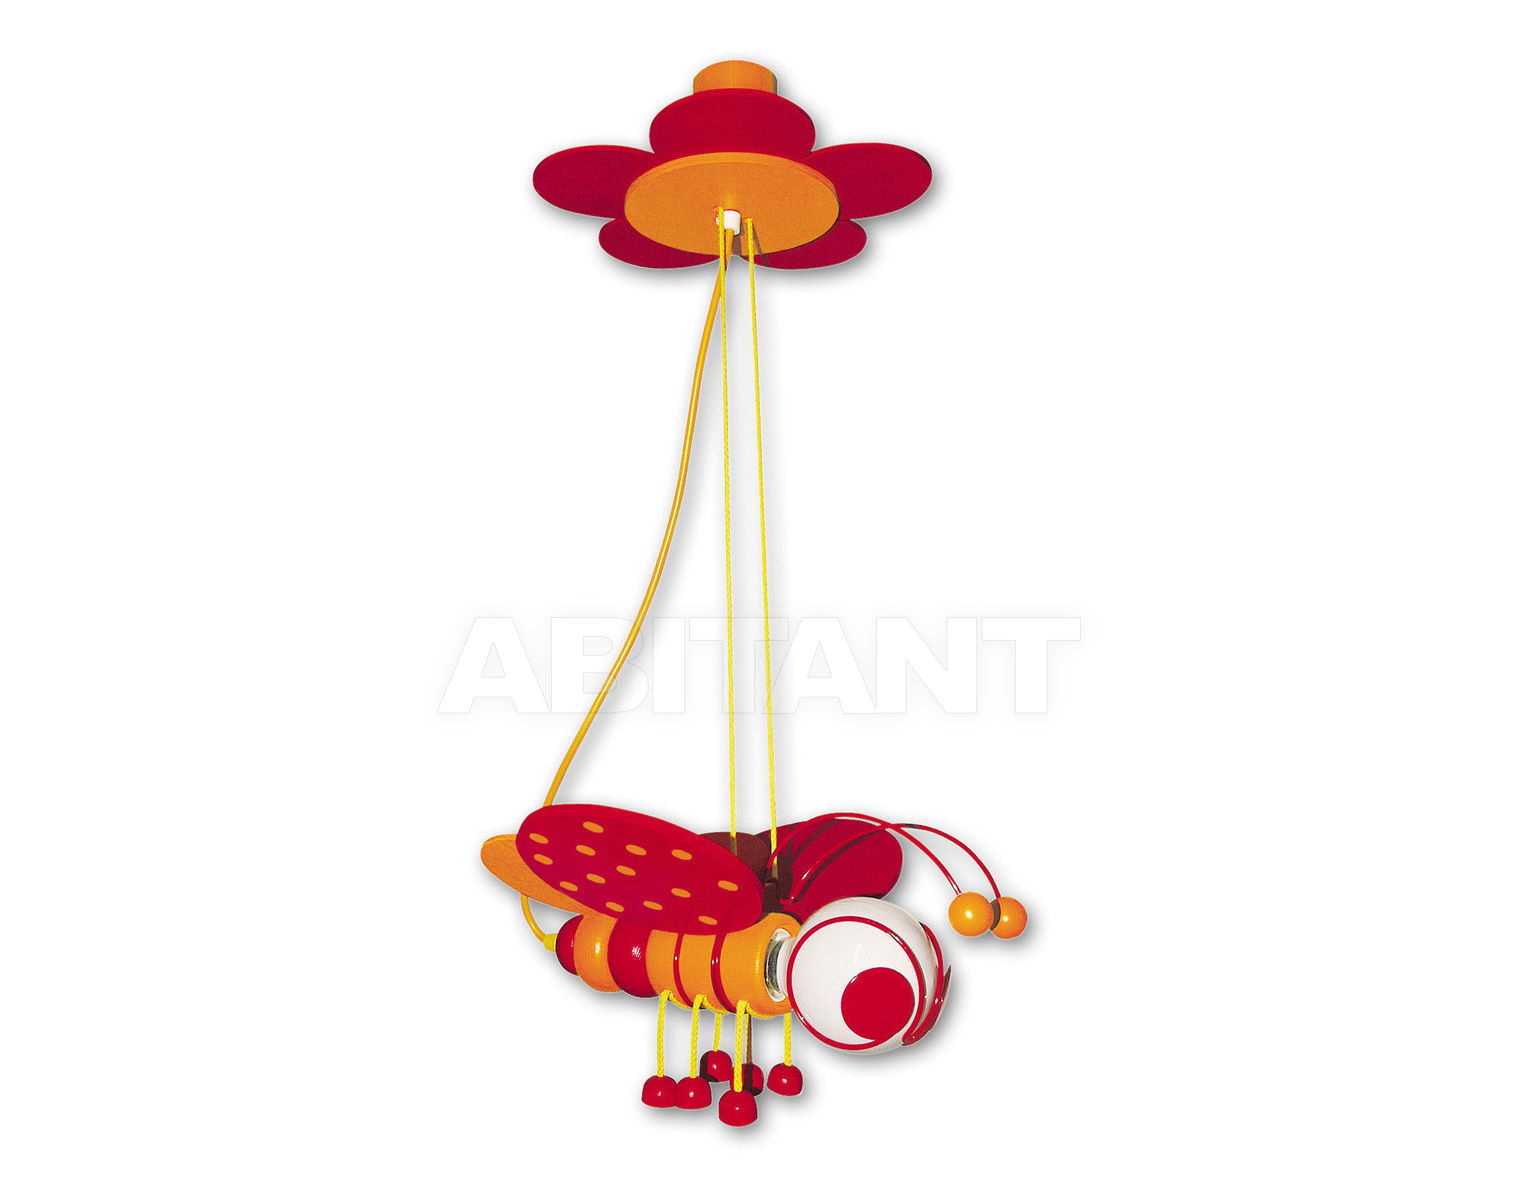 Купить Светильник для детской  Waldi Leuchten Lampen Fur Kinder 2012 90124.2 orange/rot